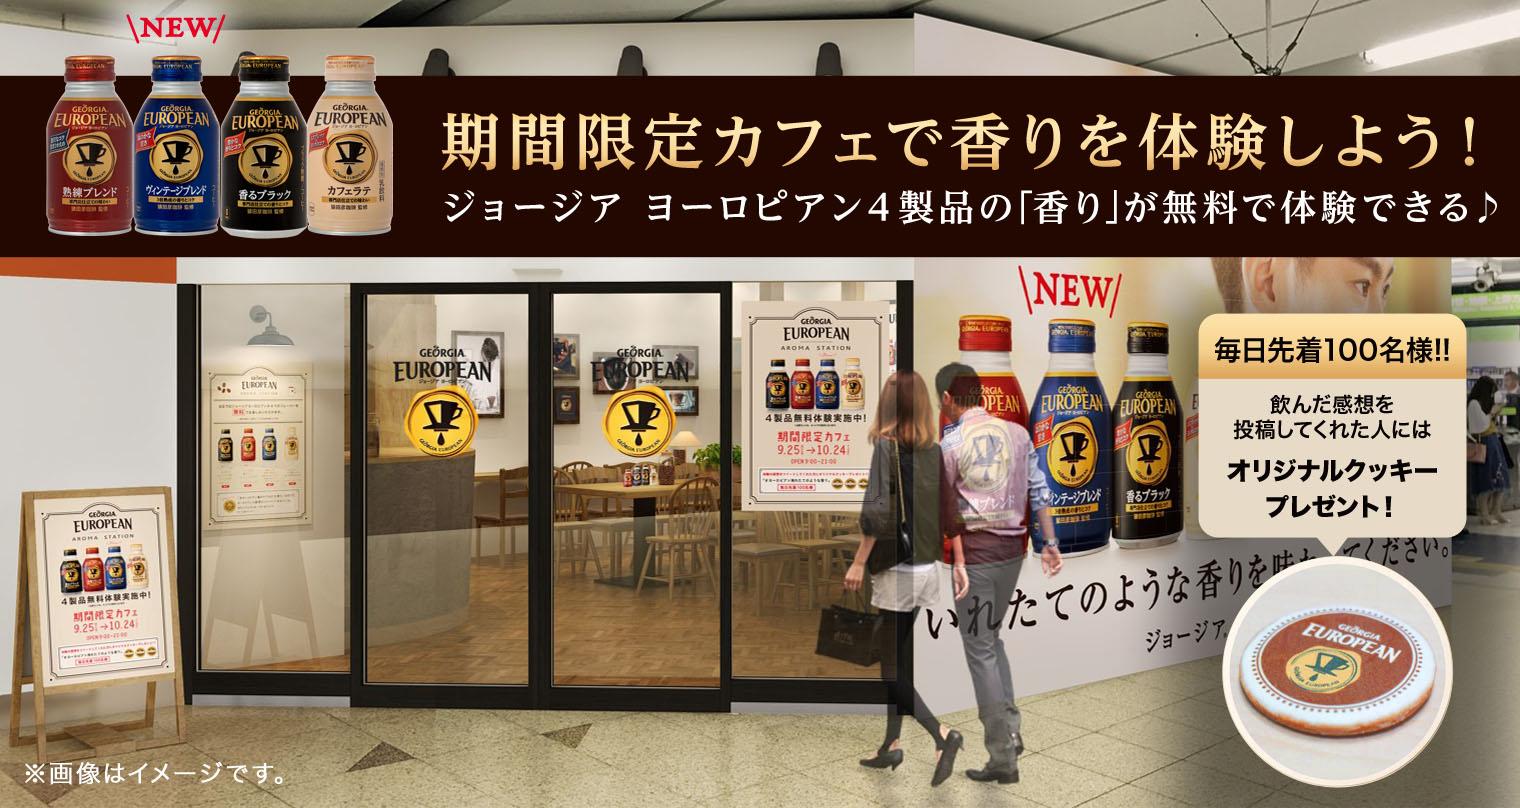 ジョージア ヨーロピアン4種類の香りがJR渋谷駅山手線ホームで試飲可能。~10/24。